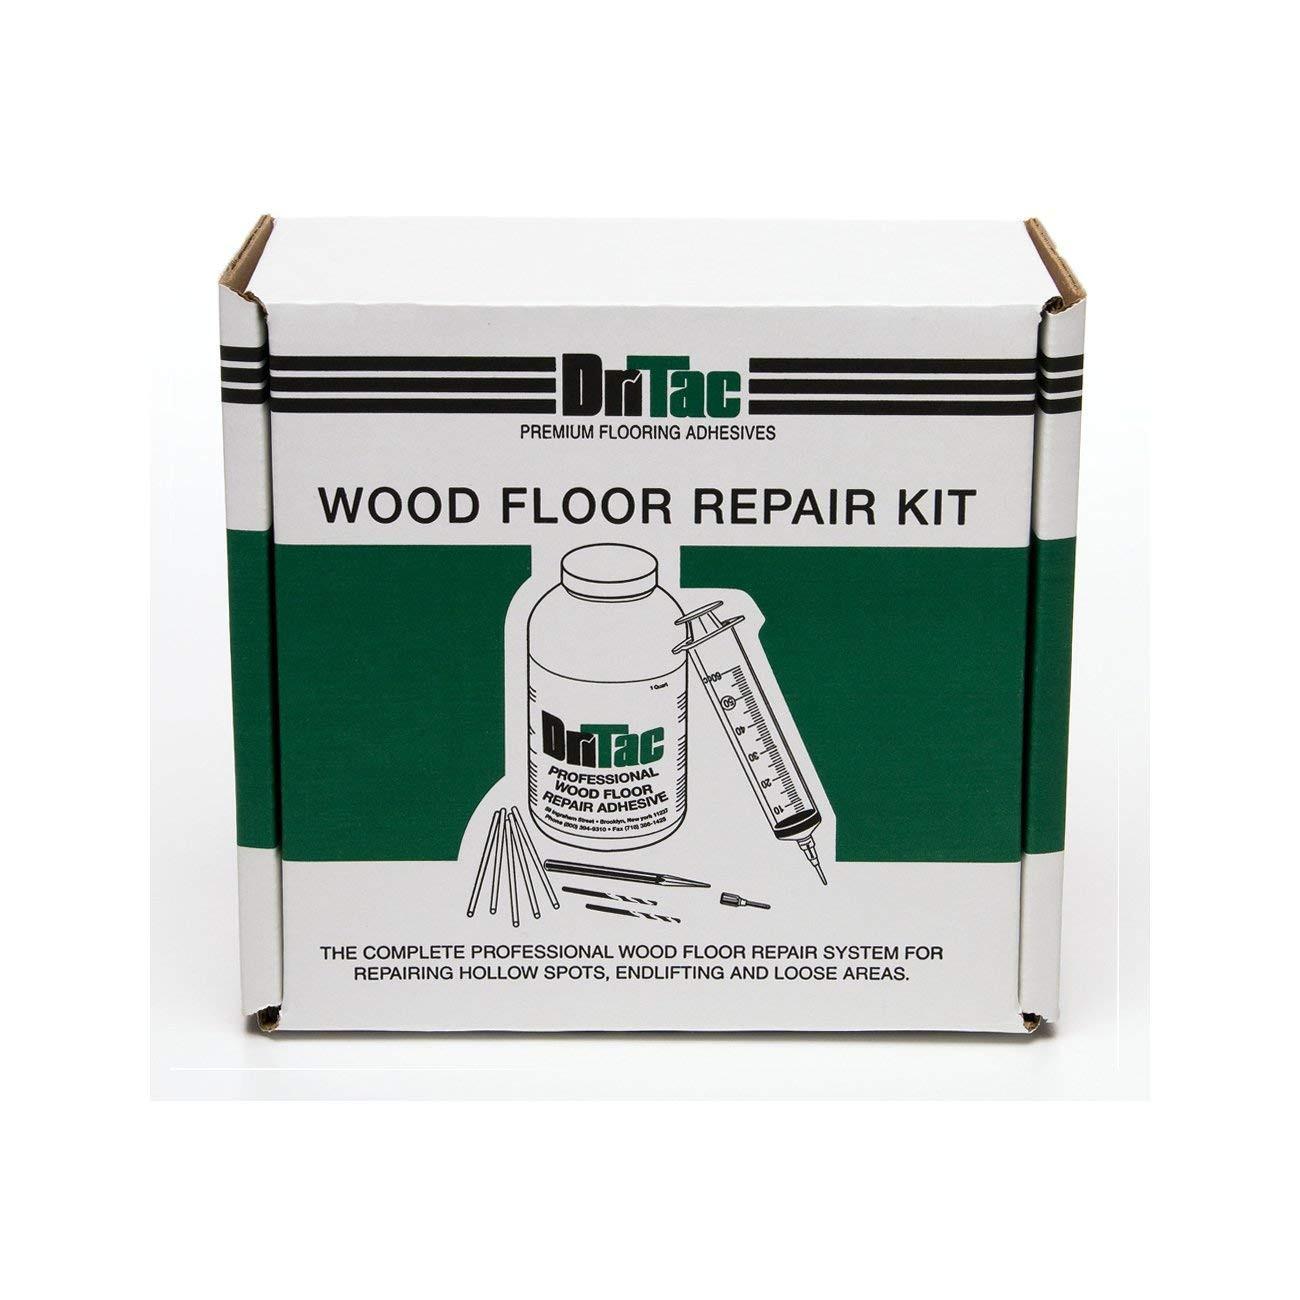 hardwood floor over concrete of amazon com dritac wood floor repair kit engineered flooring only inside amazon com dritac wood floor repair kit engineered flooring only 32oz home kitchen